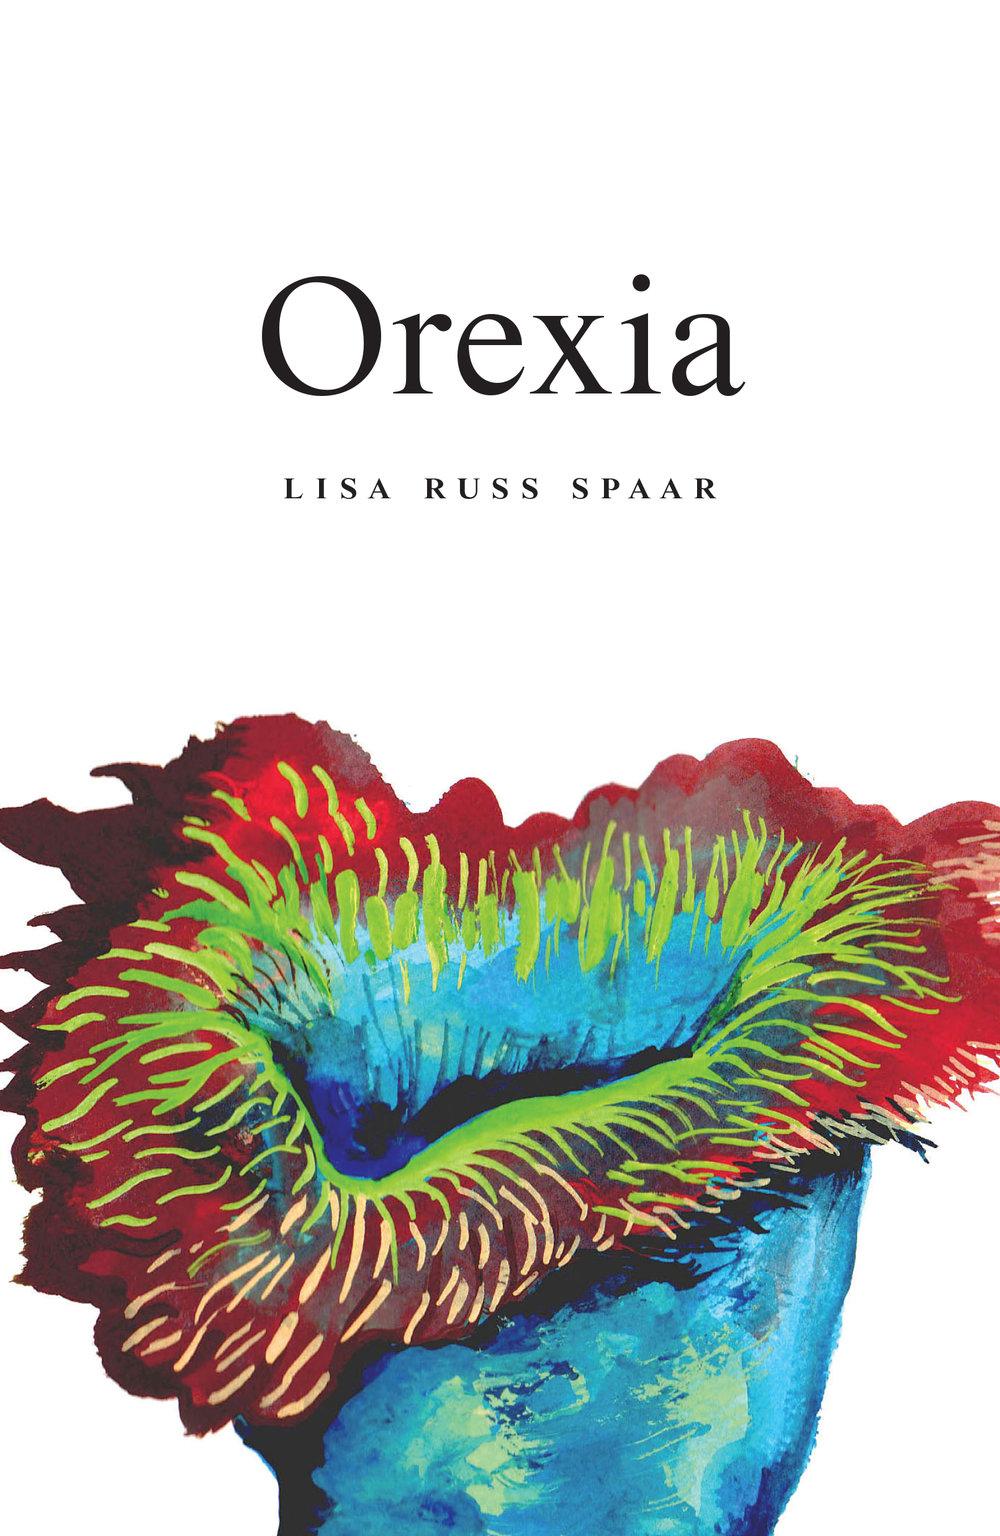 orexia.jpg